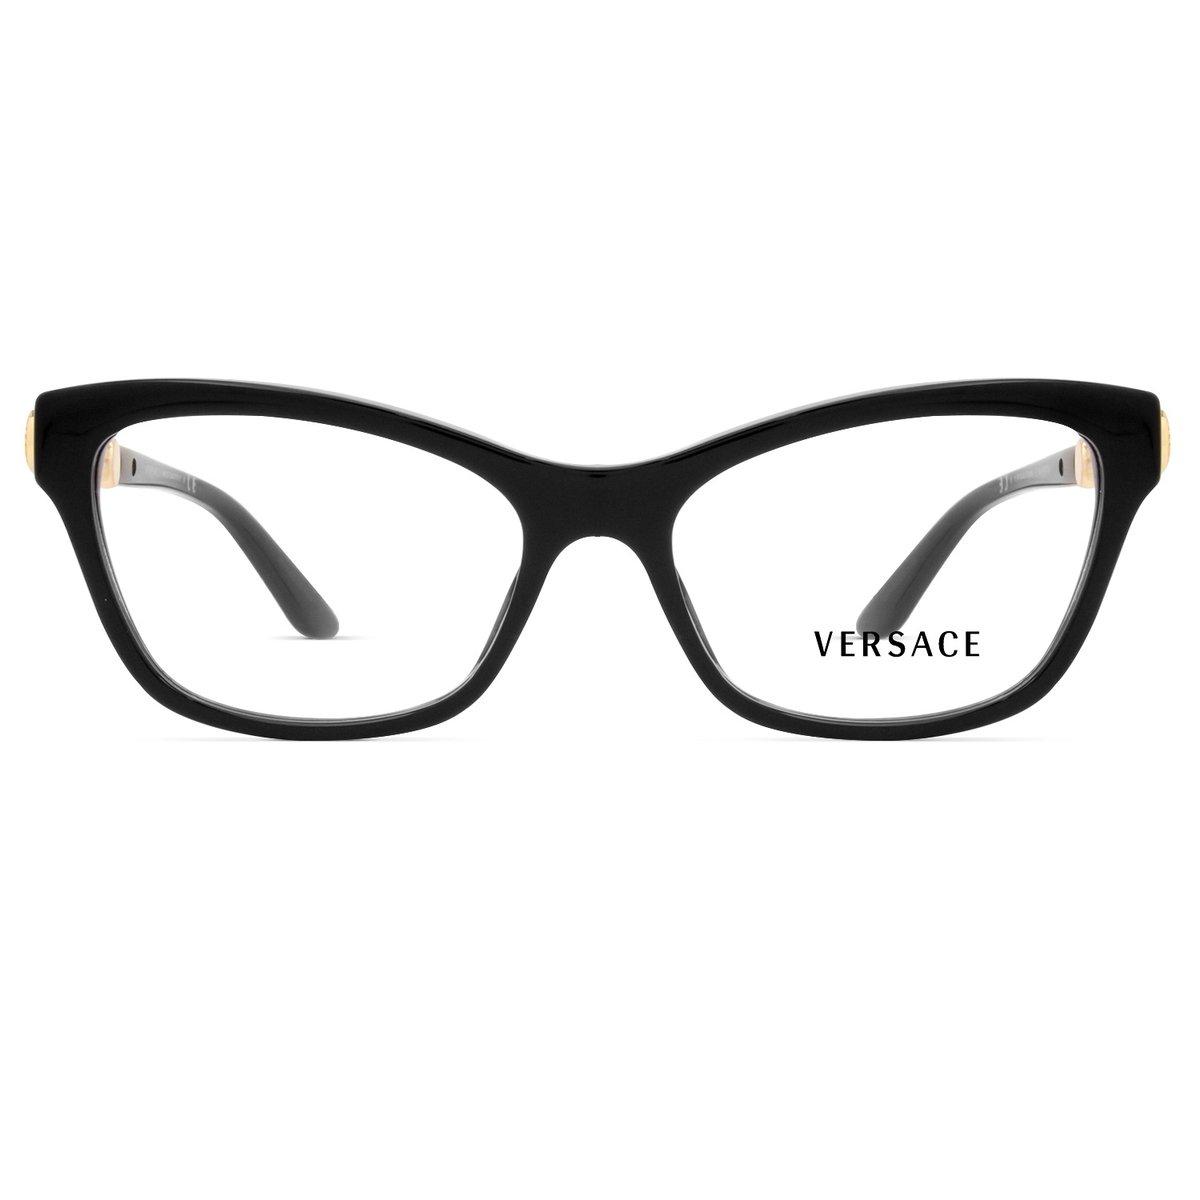 a6df2c449 Armação Óculos de Grau Versace VE3214 GB1-54 | Zattini